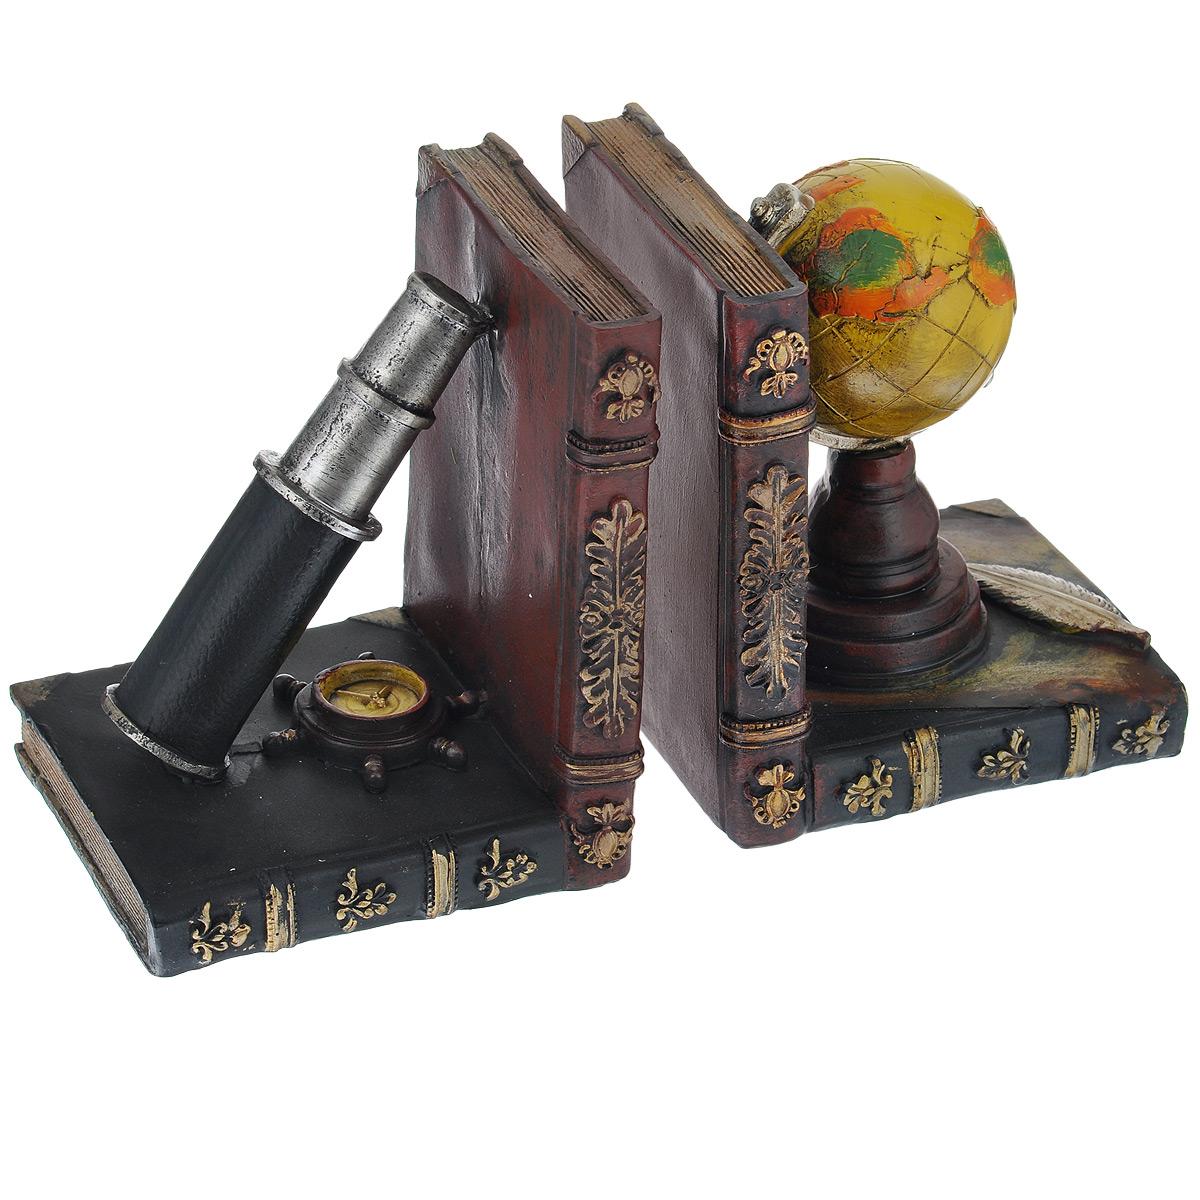 Подставка-ограничитель для книг Навигация, 2 шт54 009312Подставка-ограничитель для книг Навигация изготовлена из полирезины. В комплект входит два ограничителя. Изделия выполнены в виде глобуса и подзорной трубы, стоящие на постаменте из книг. Между ограничителями можно поместить неограниченное количество книг. Подставка-ограничитель для книг Навигация  - это не только подставка для книг, но и интересный элемент декора, который ярко дополнит интерьер помещения. Размер подставки-ограничителя: 12,5 см х 10,5 см х 15,5 см.Комплектация: 2 шт.